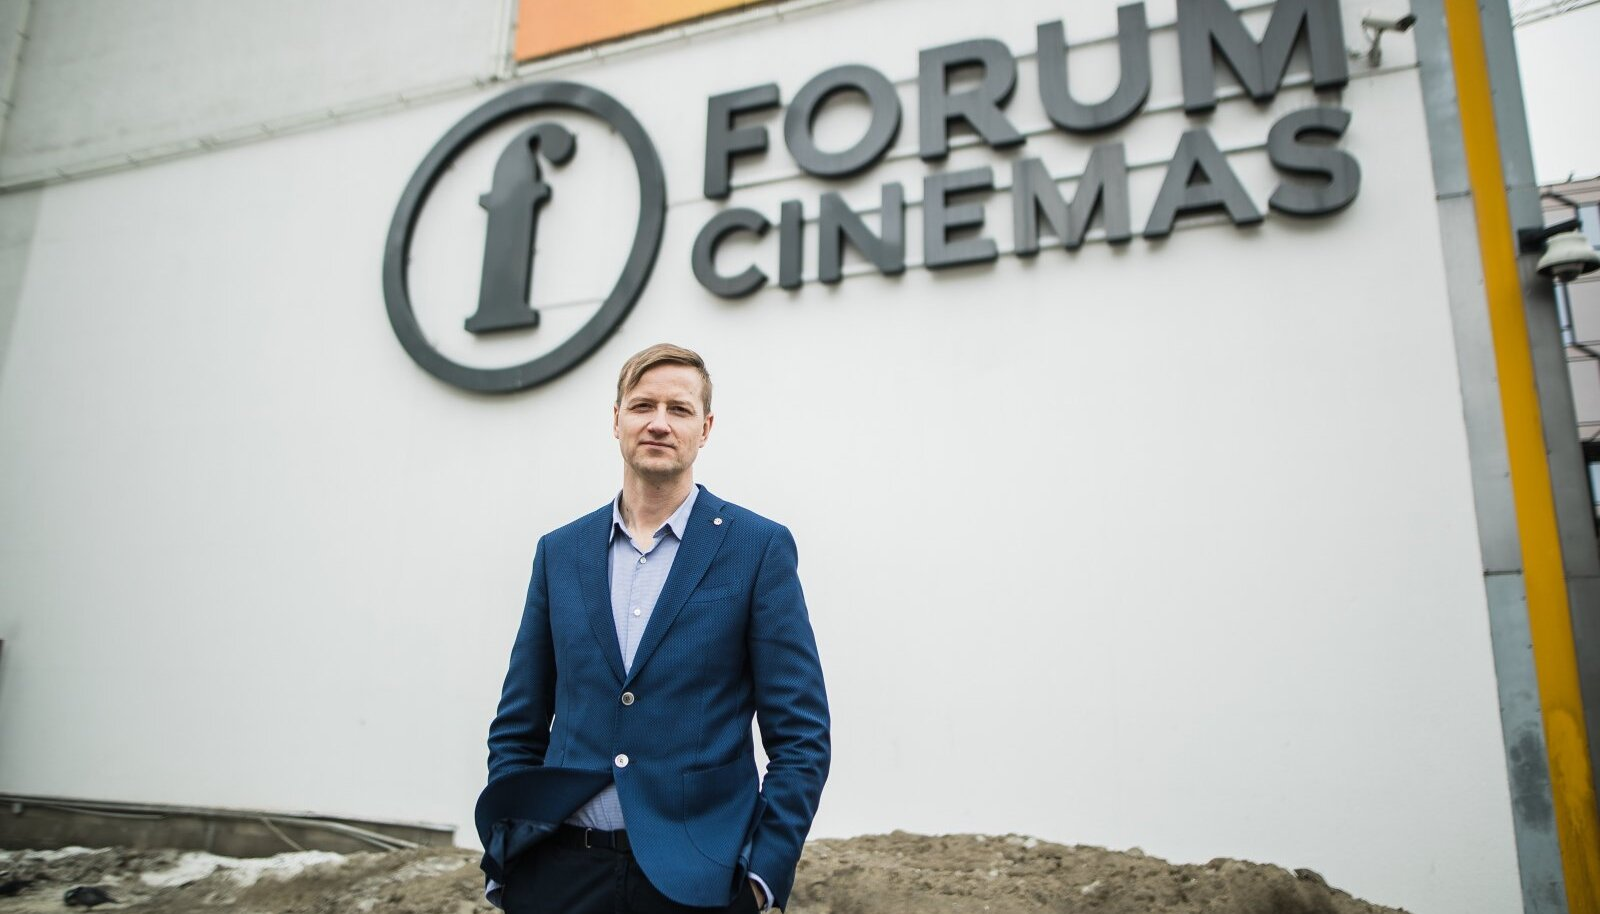 Forum Cinemase juht Kristjan Kongo